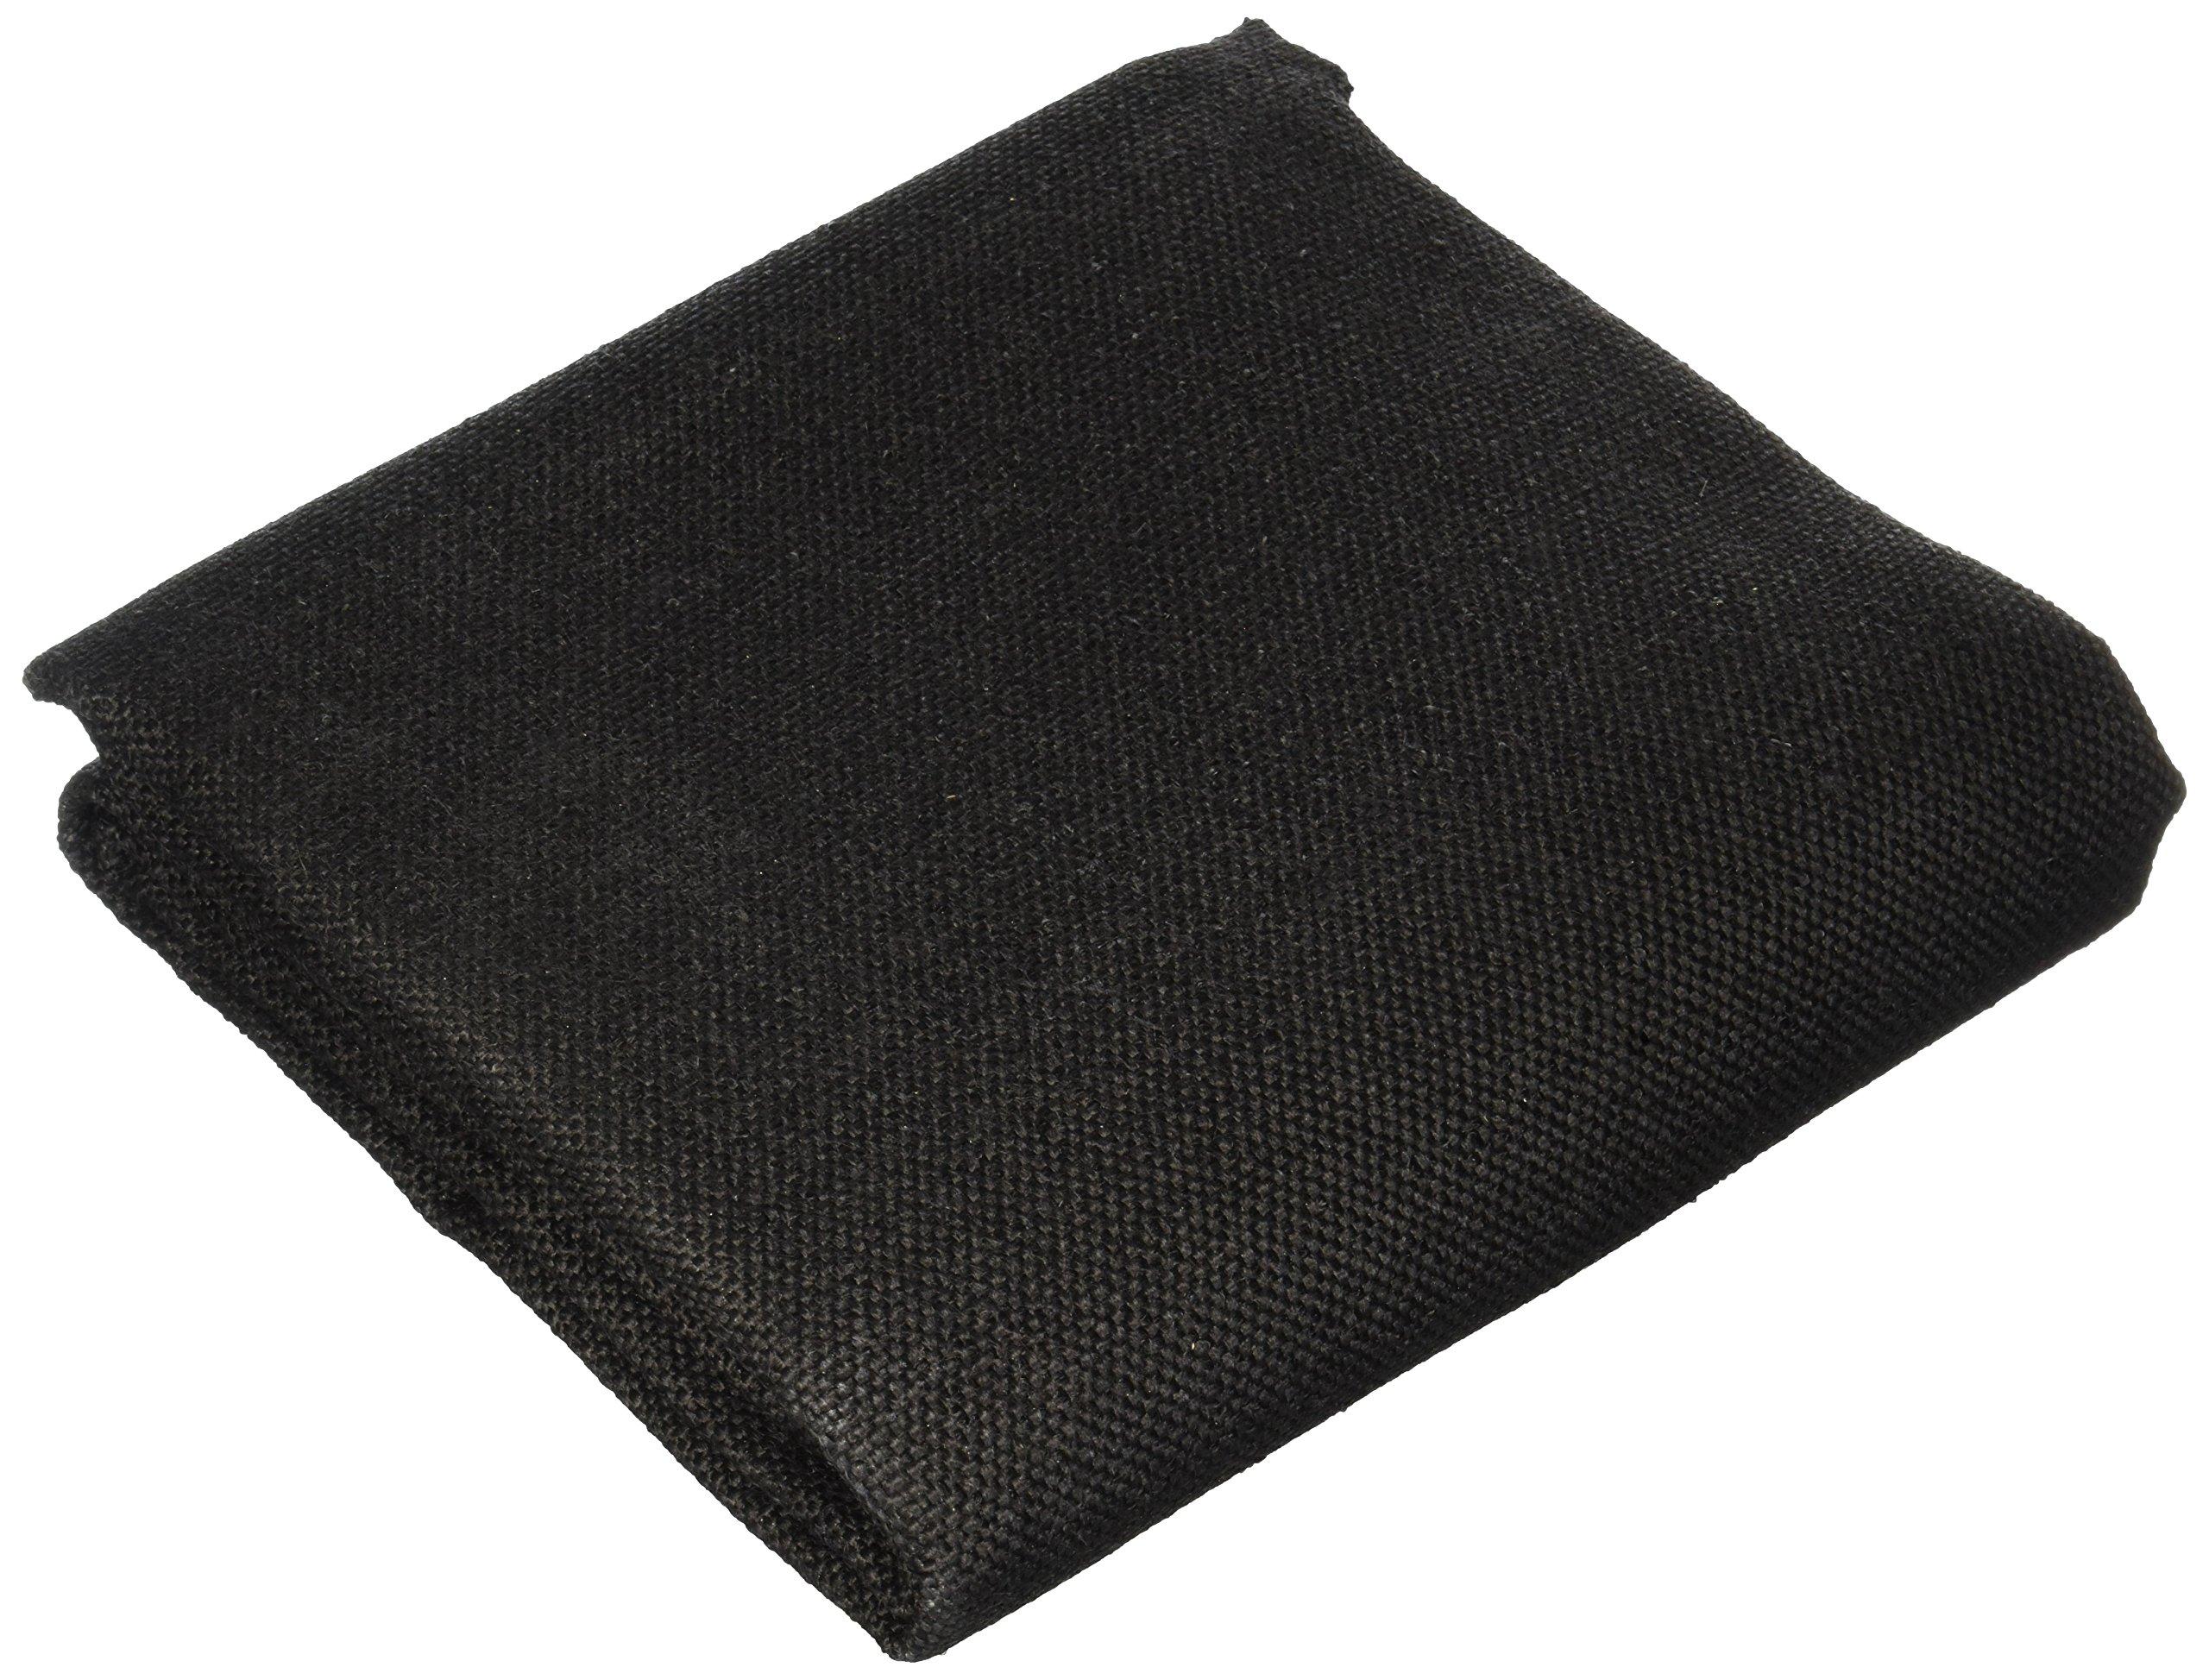 Tillman Heavy Duty Welding Blanket 6' x 6' by Tillman